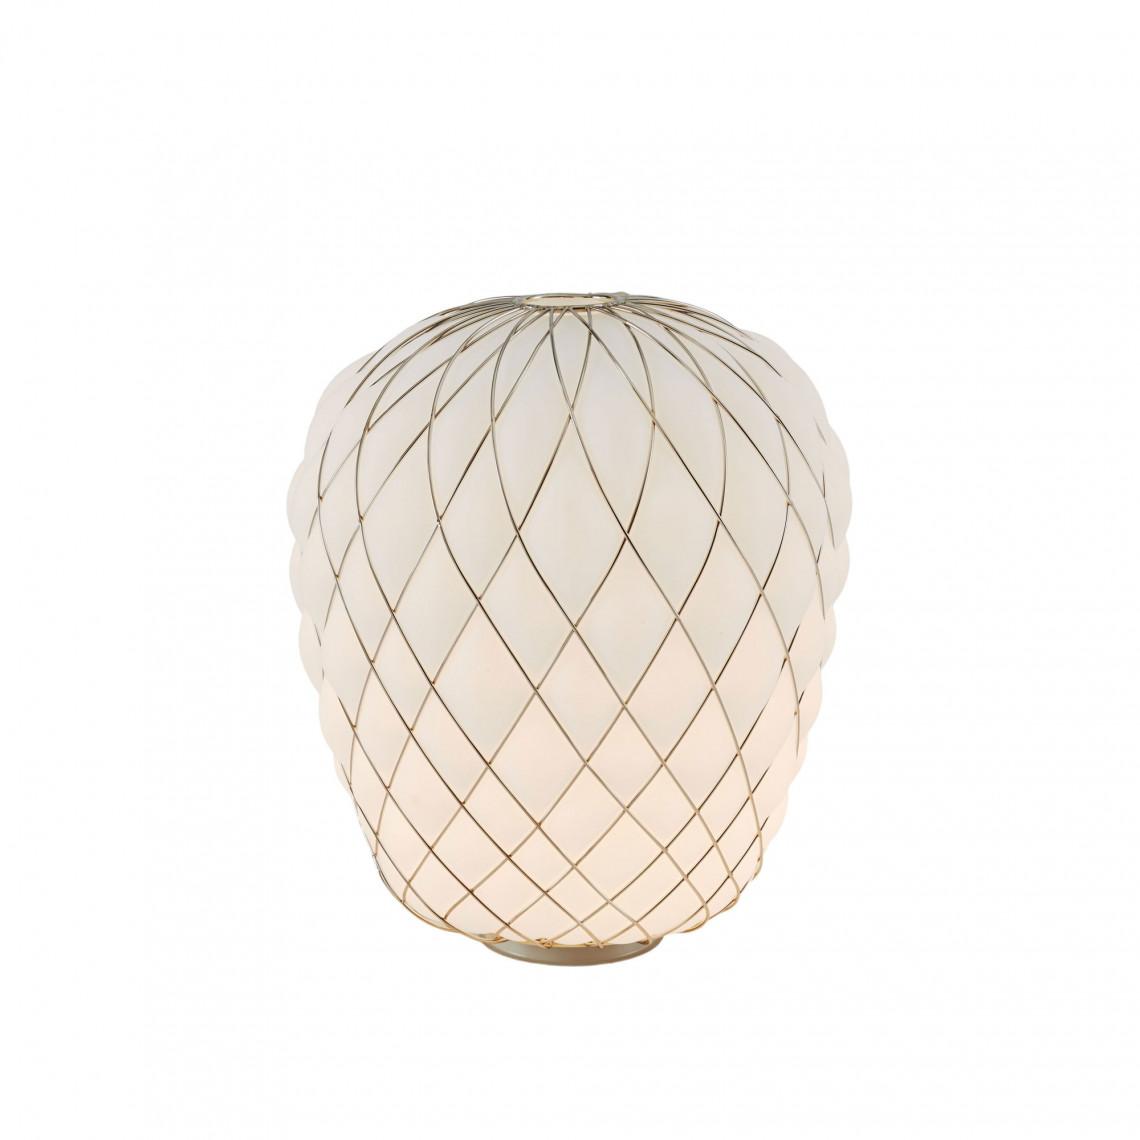 Pinecone - Bordslampa Vitt glas med guldig metallbur